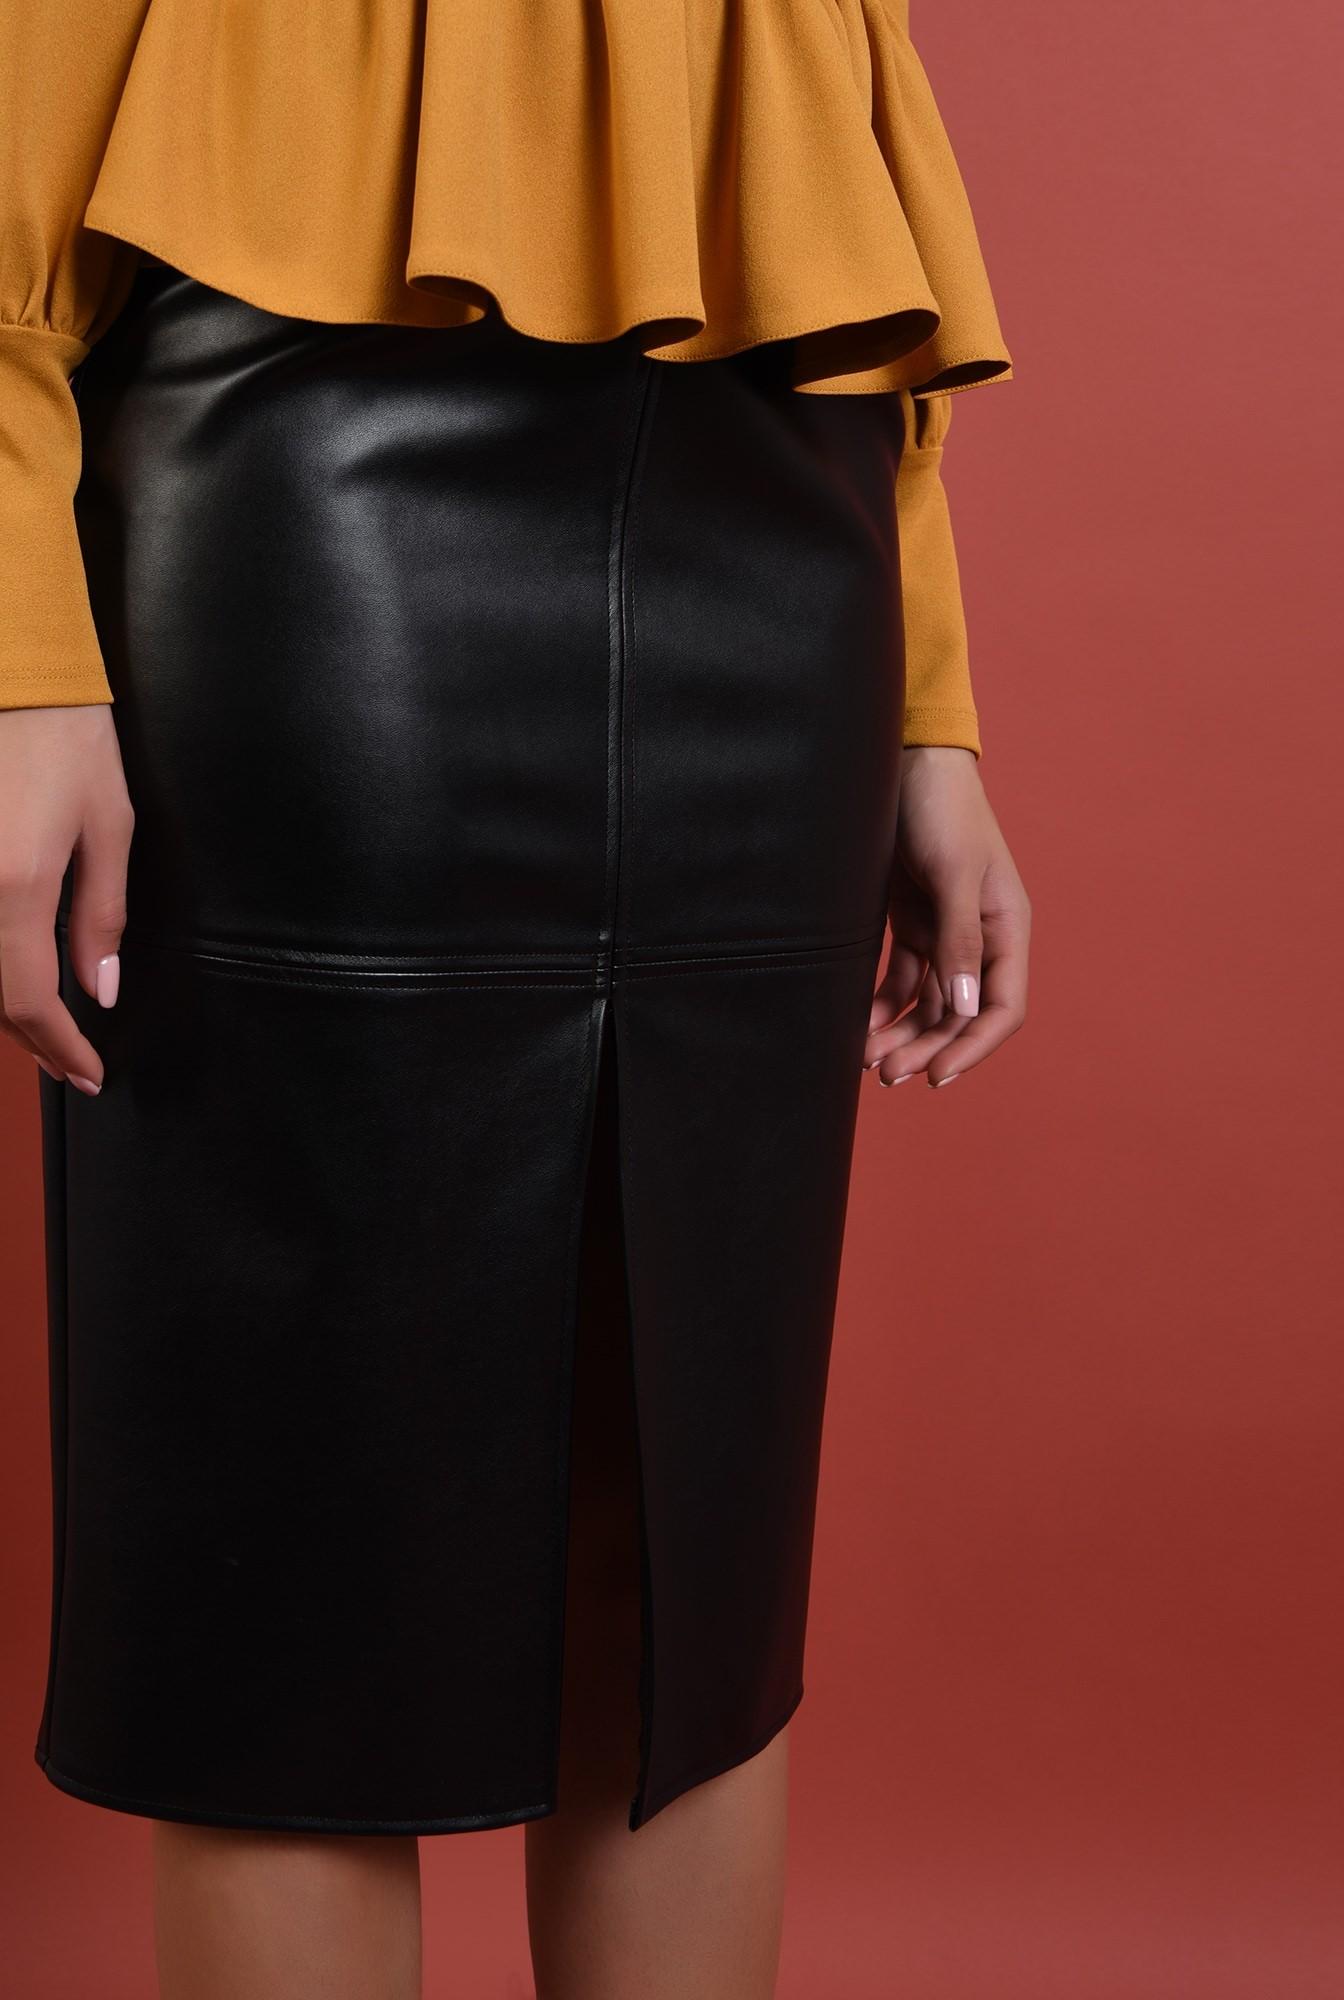 fusta neagra, cusaturi, piele ecologica, Poema. fuste online